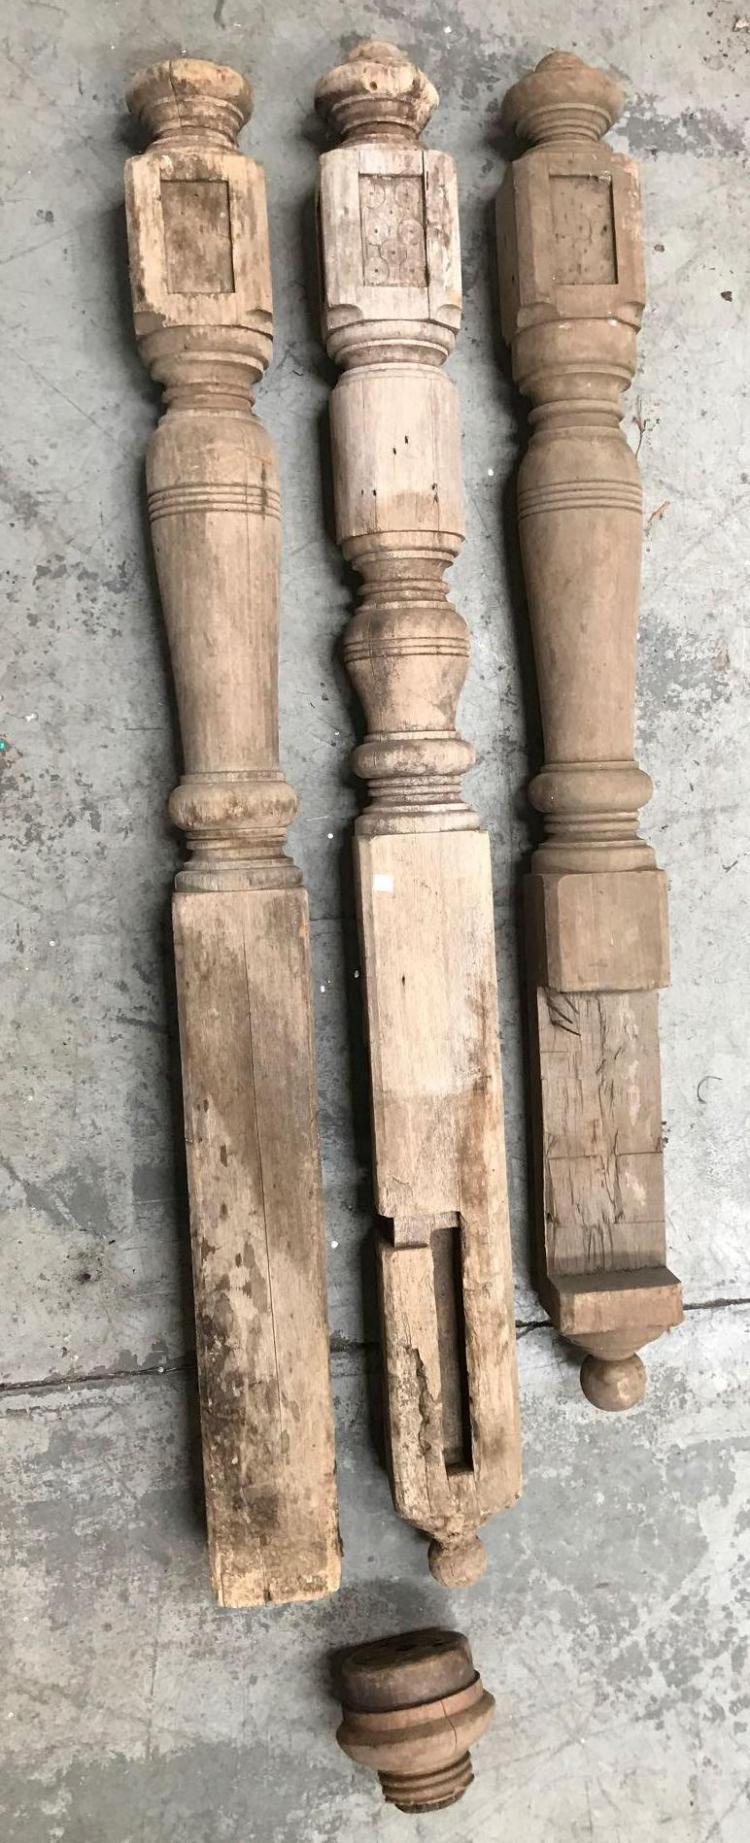 4 Antique wooden architectural pieces